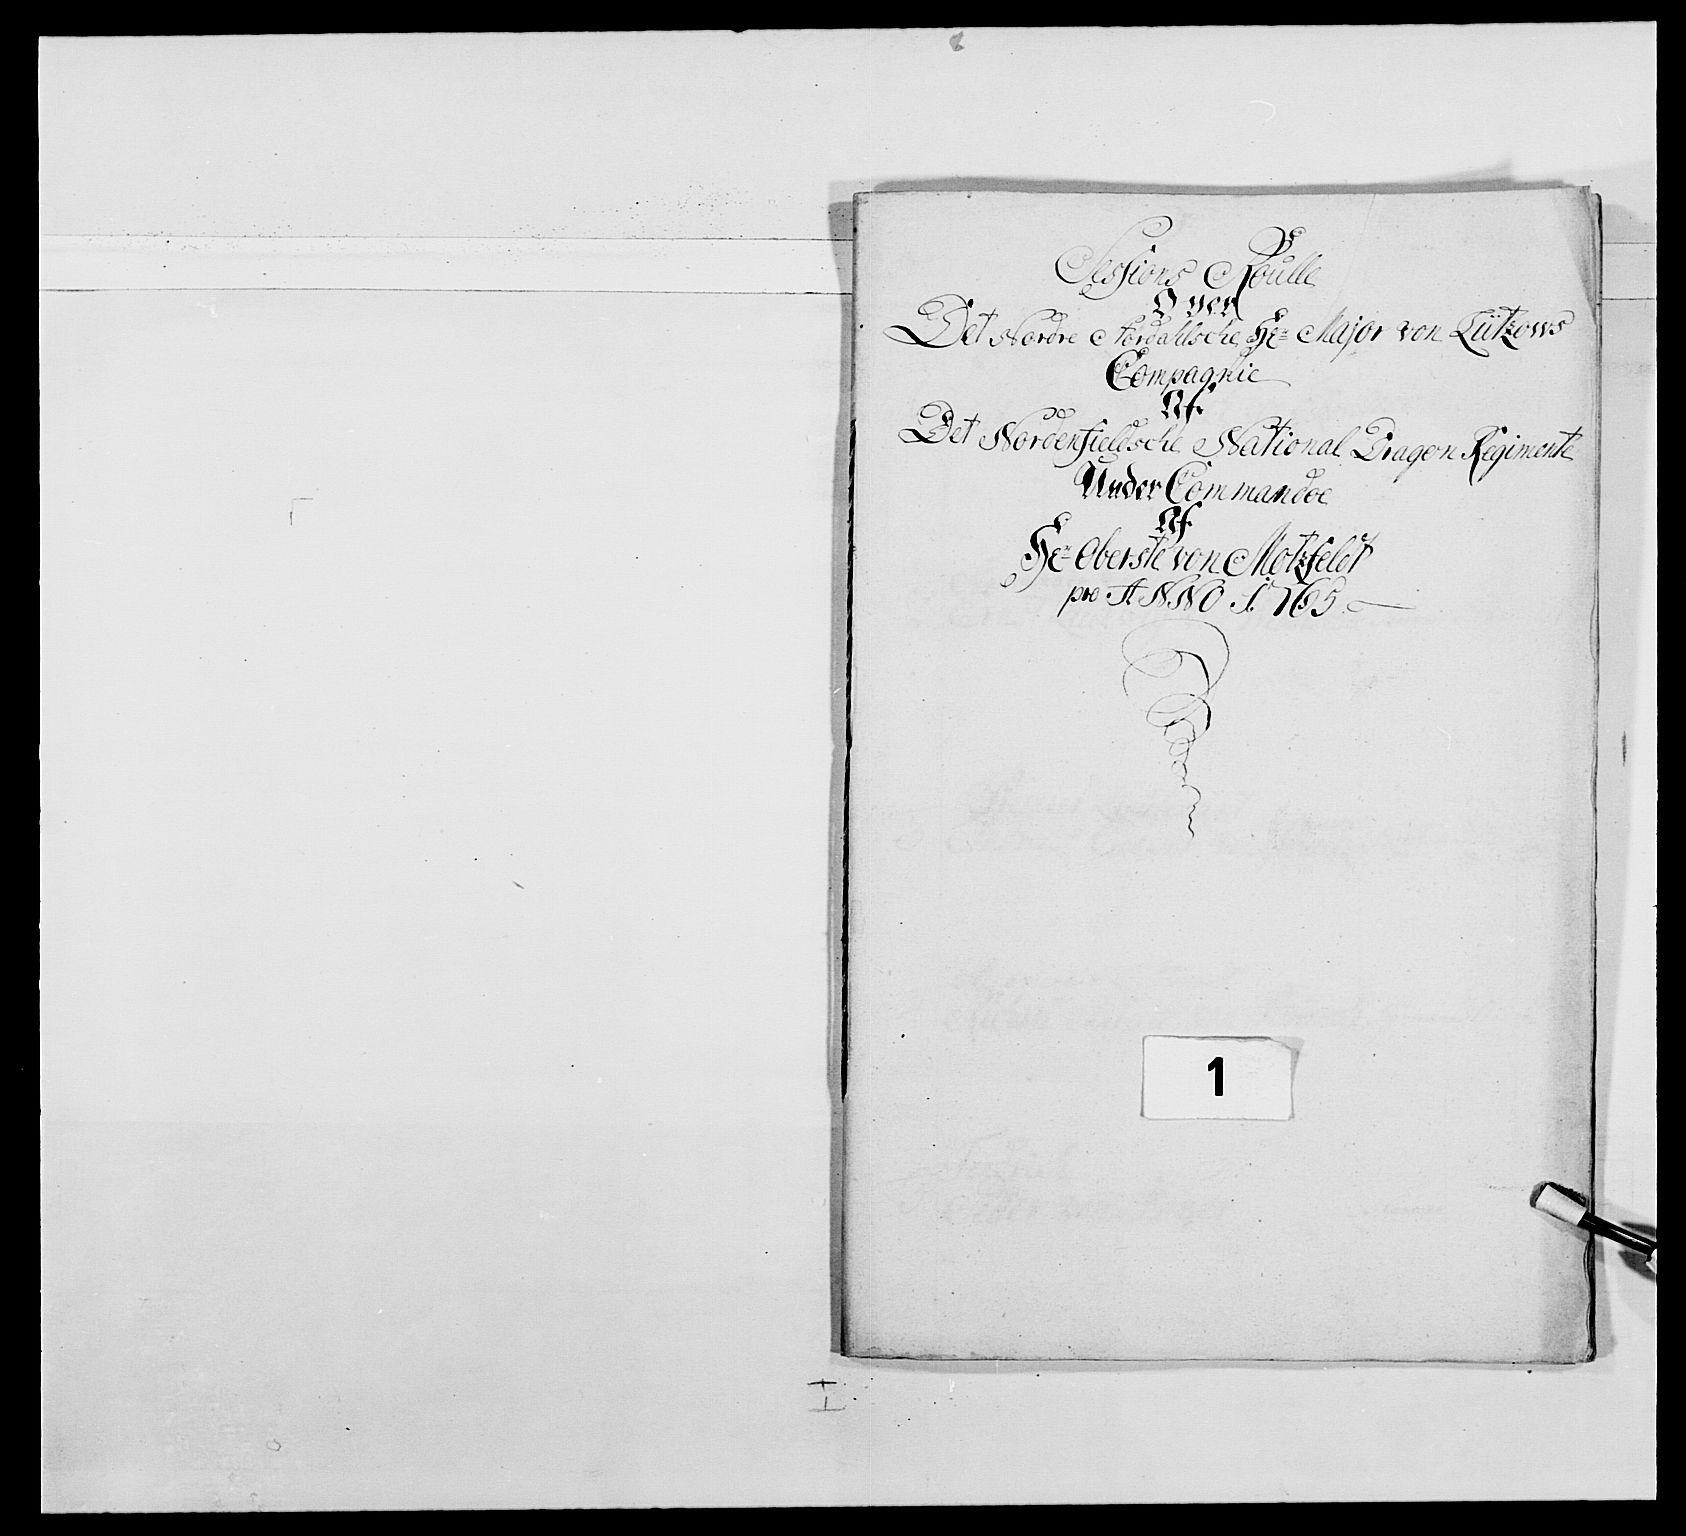 RA, Kommanderende general (KG I) med Det norske krigsdirektorium, E/Ea/L0483: Nordafjelske dragonregiment, 1765-1767, s. 6